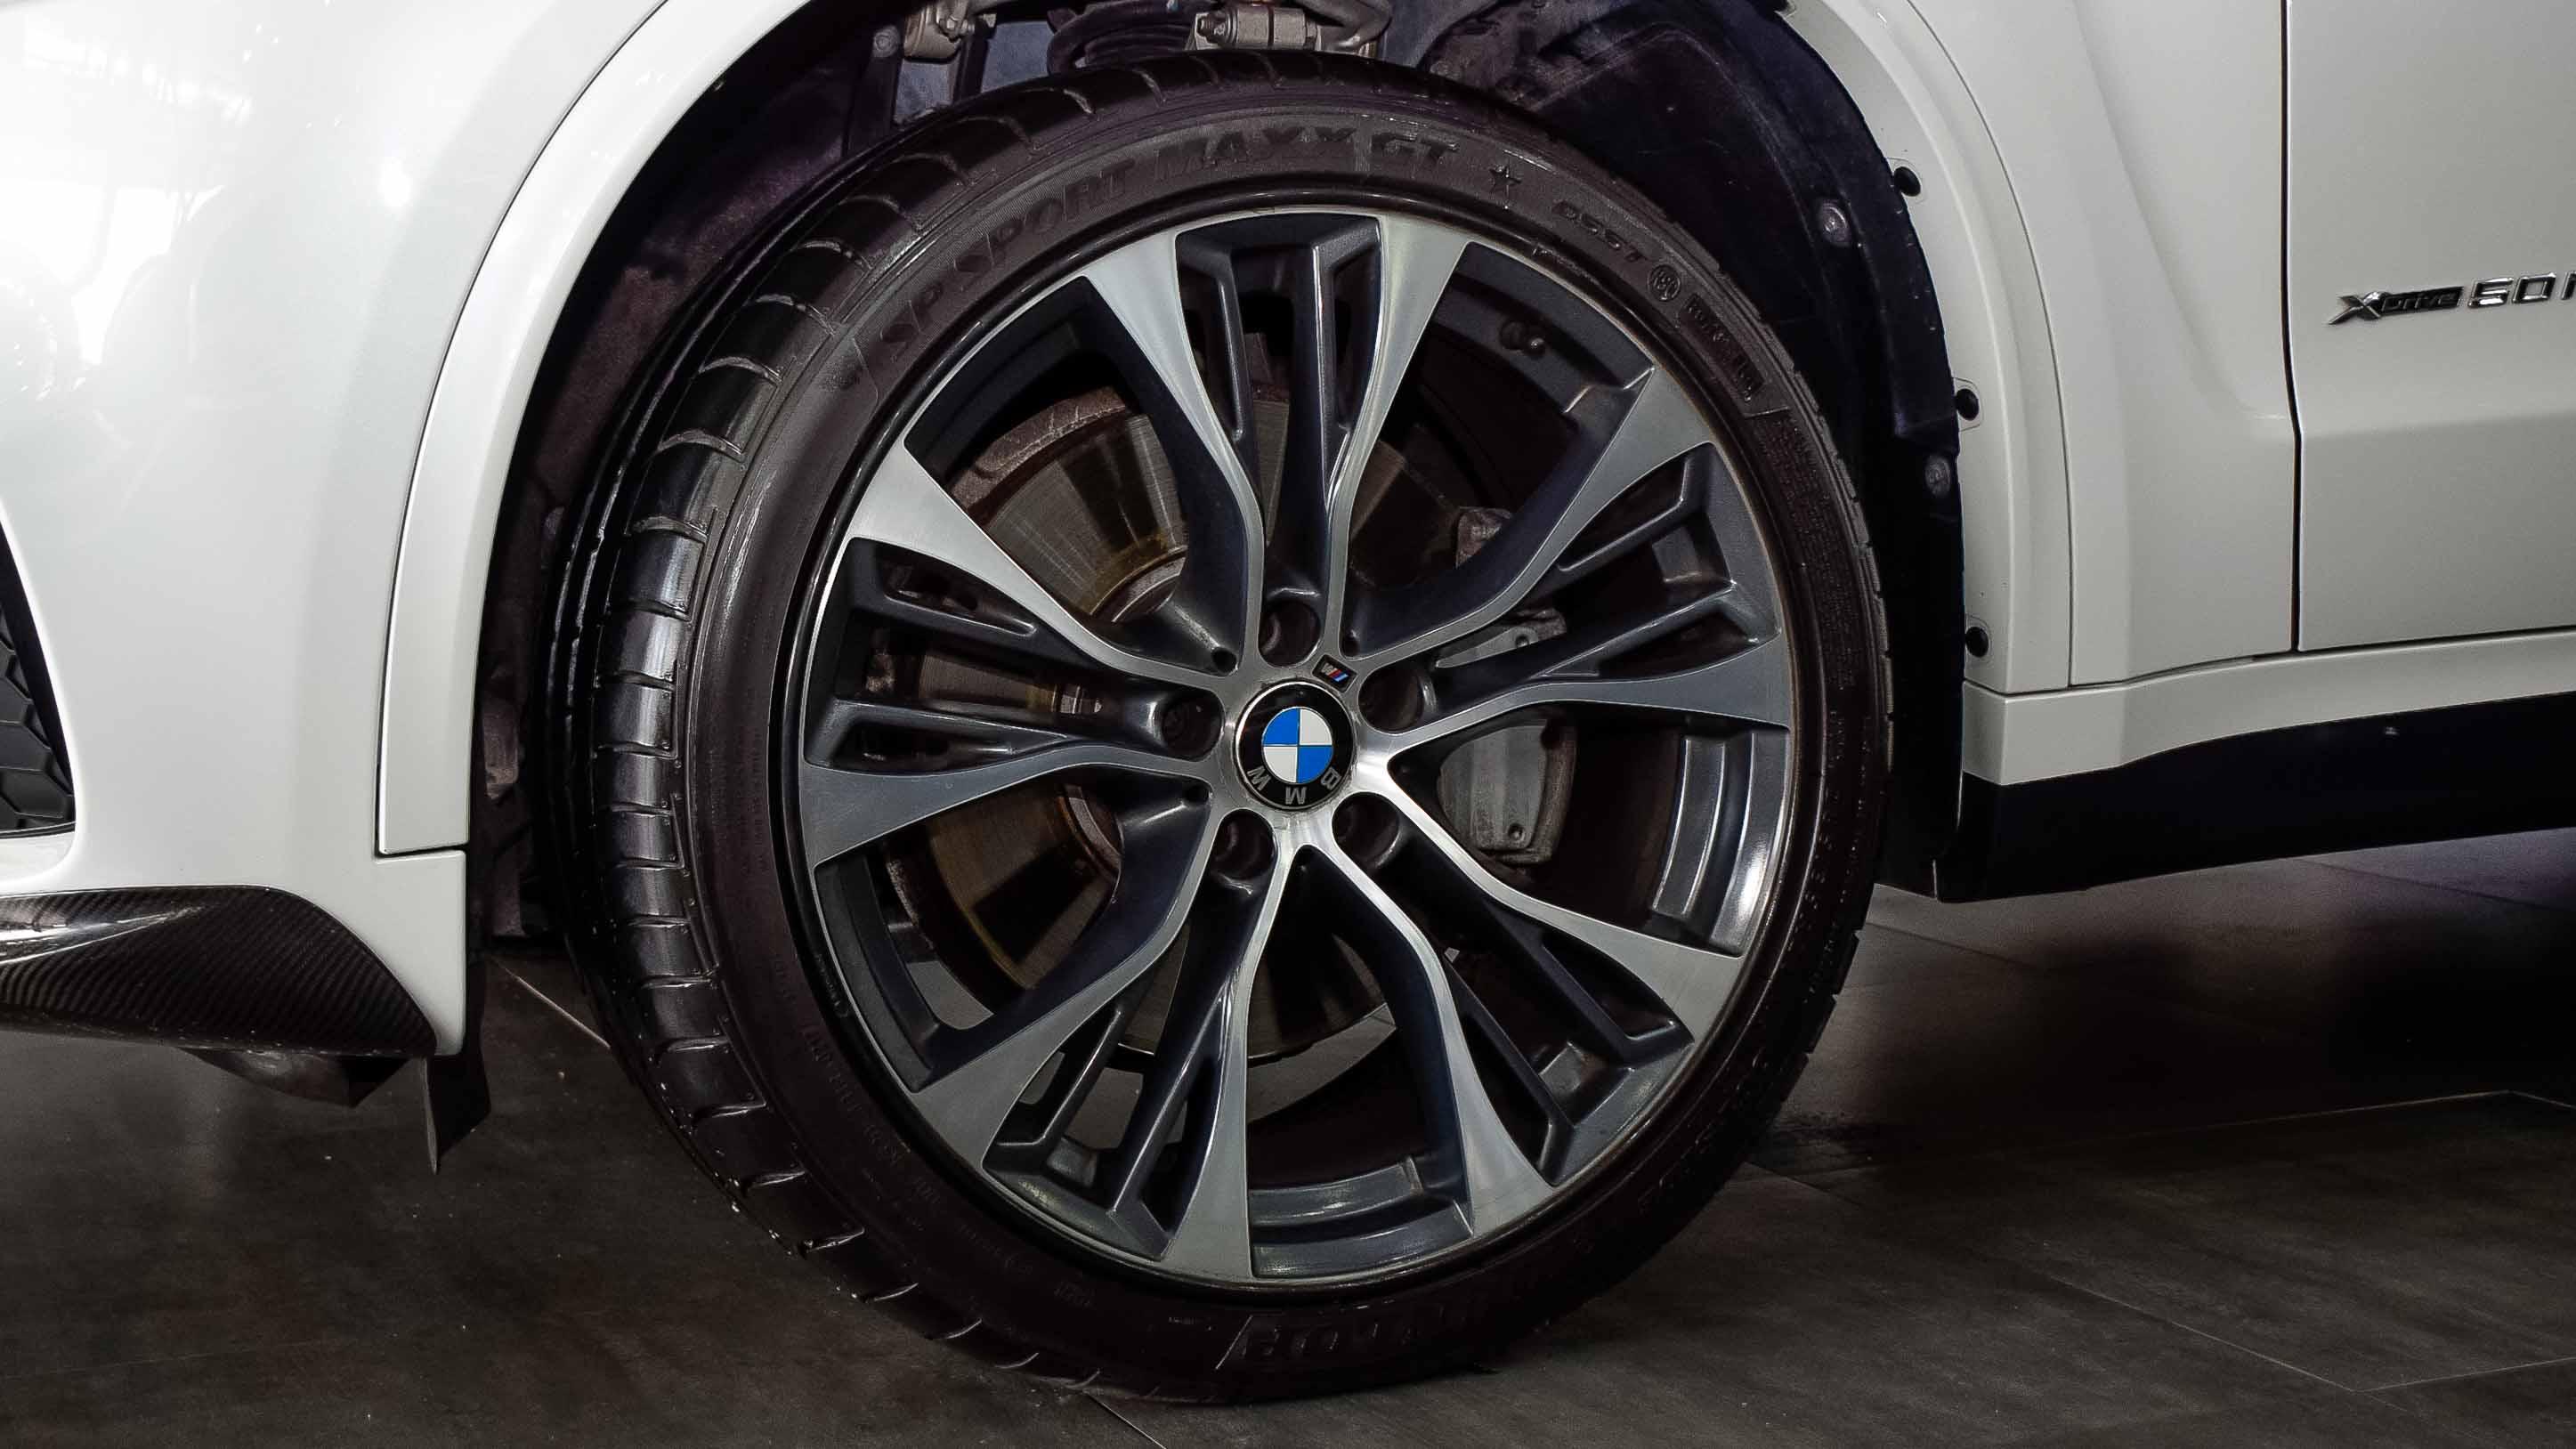 2014-BMW-X5-xDrive50i-M-Performance-White-Tan-GCC-10.jpg